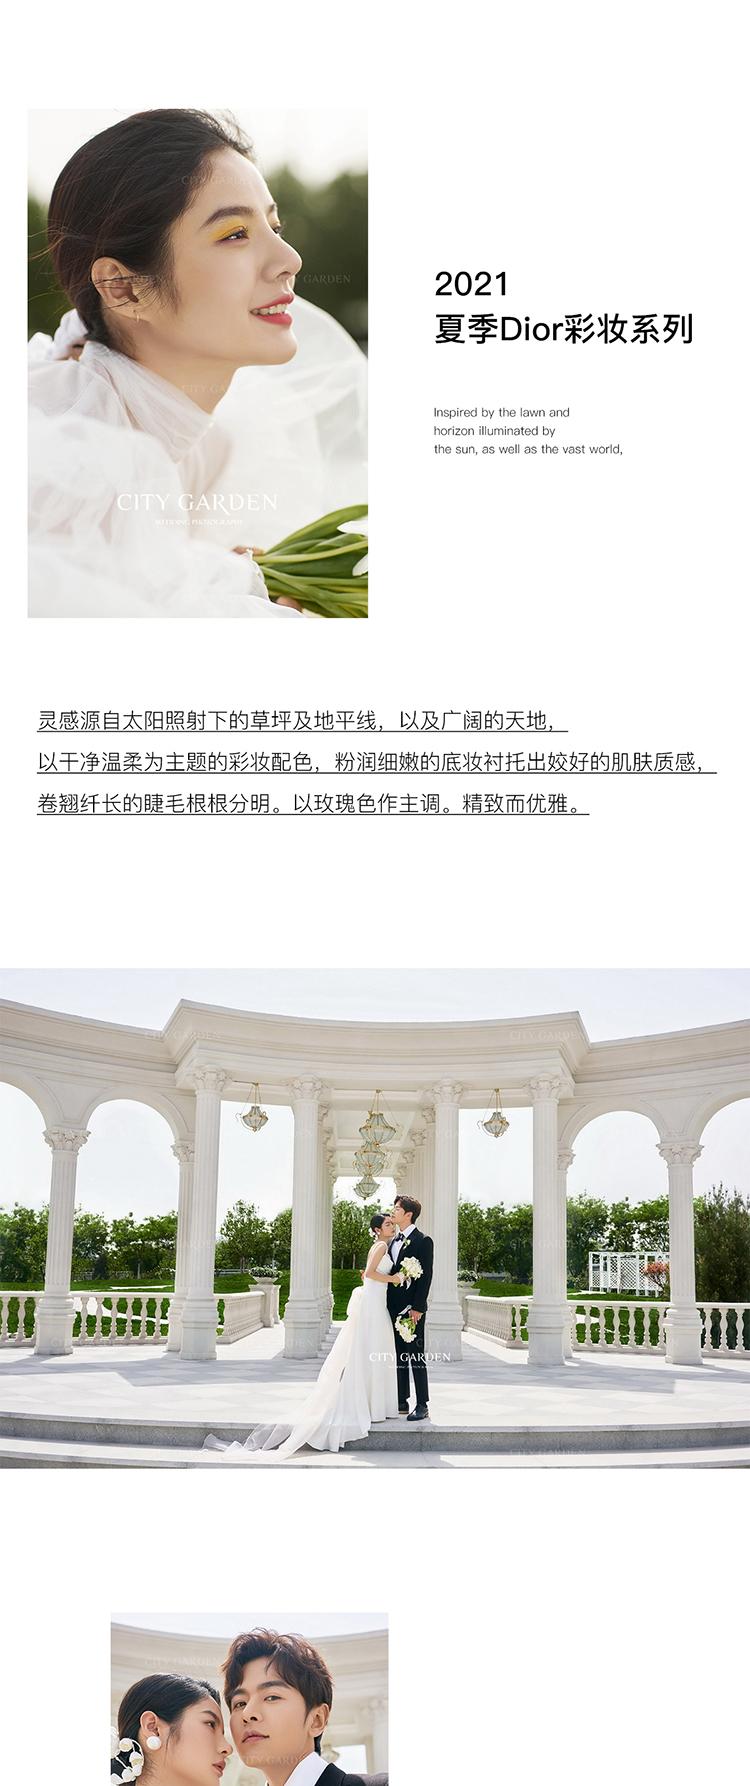 婚纱照风格6.jpg